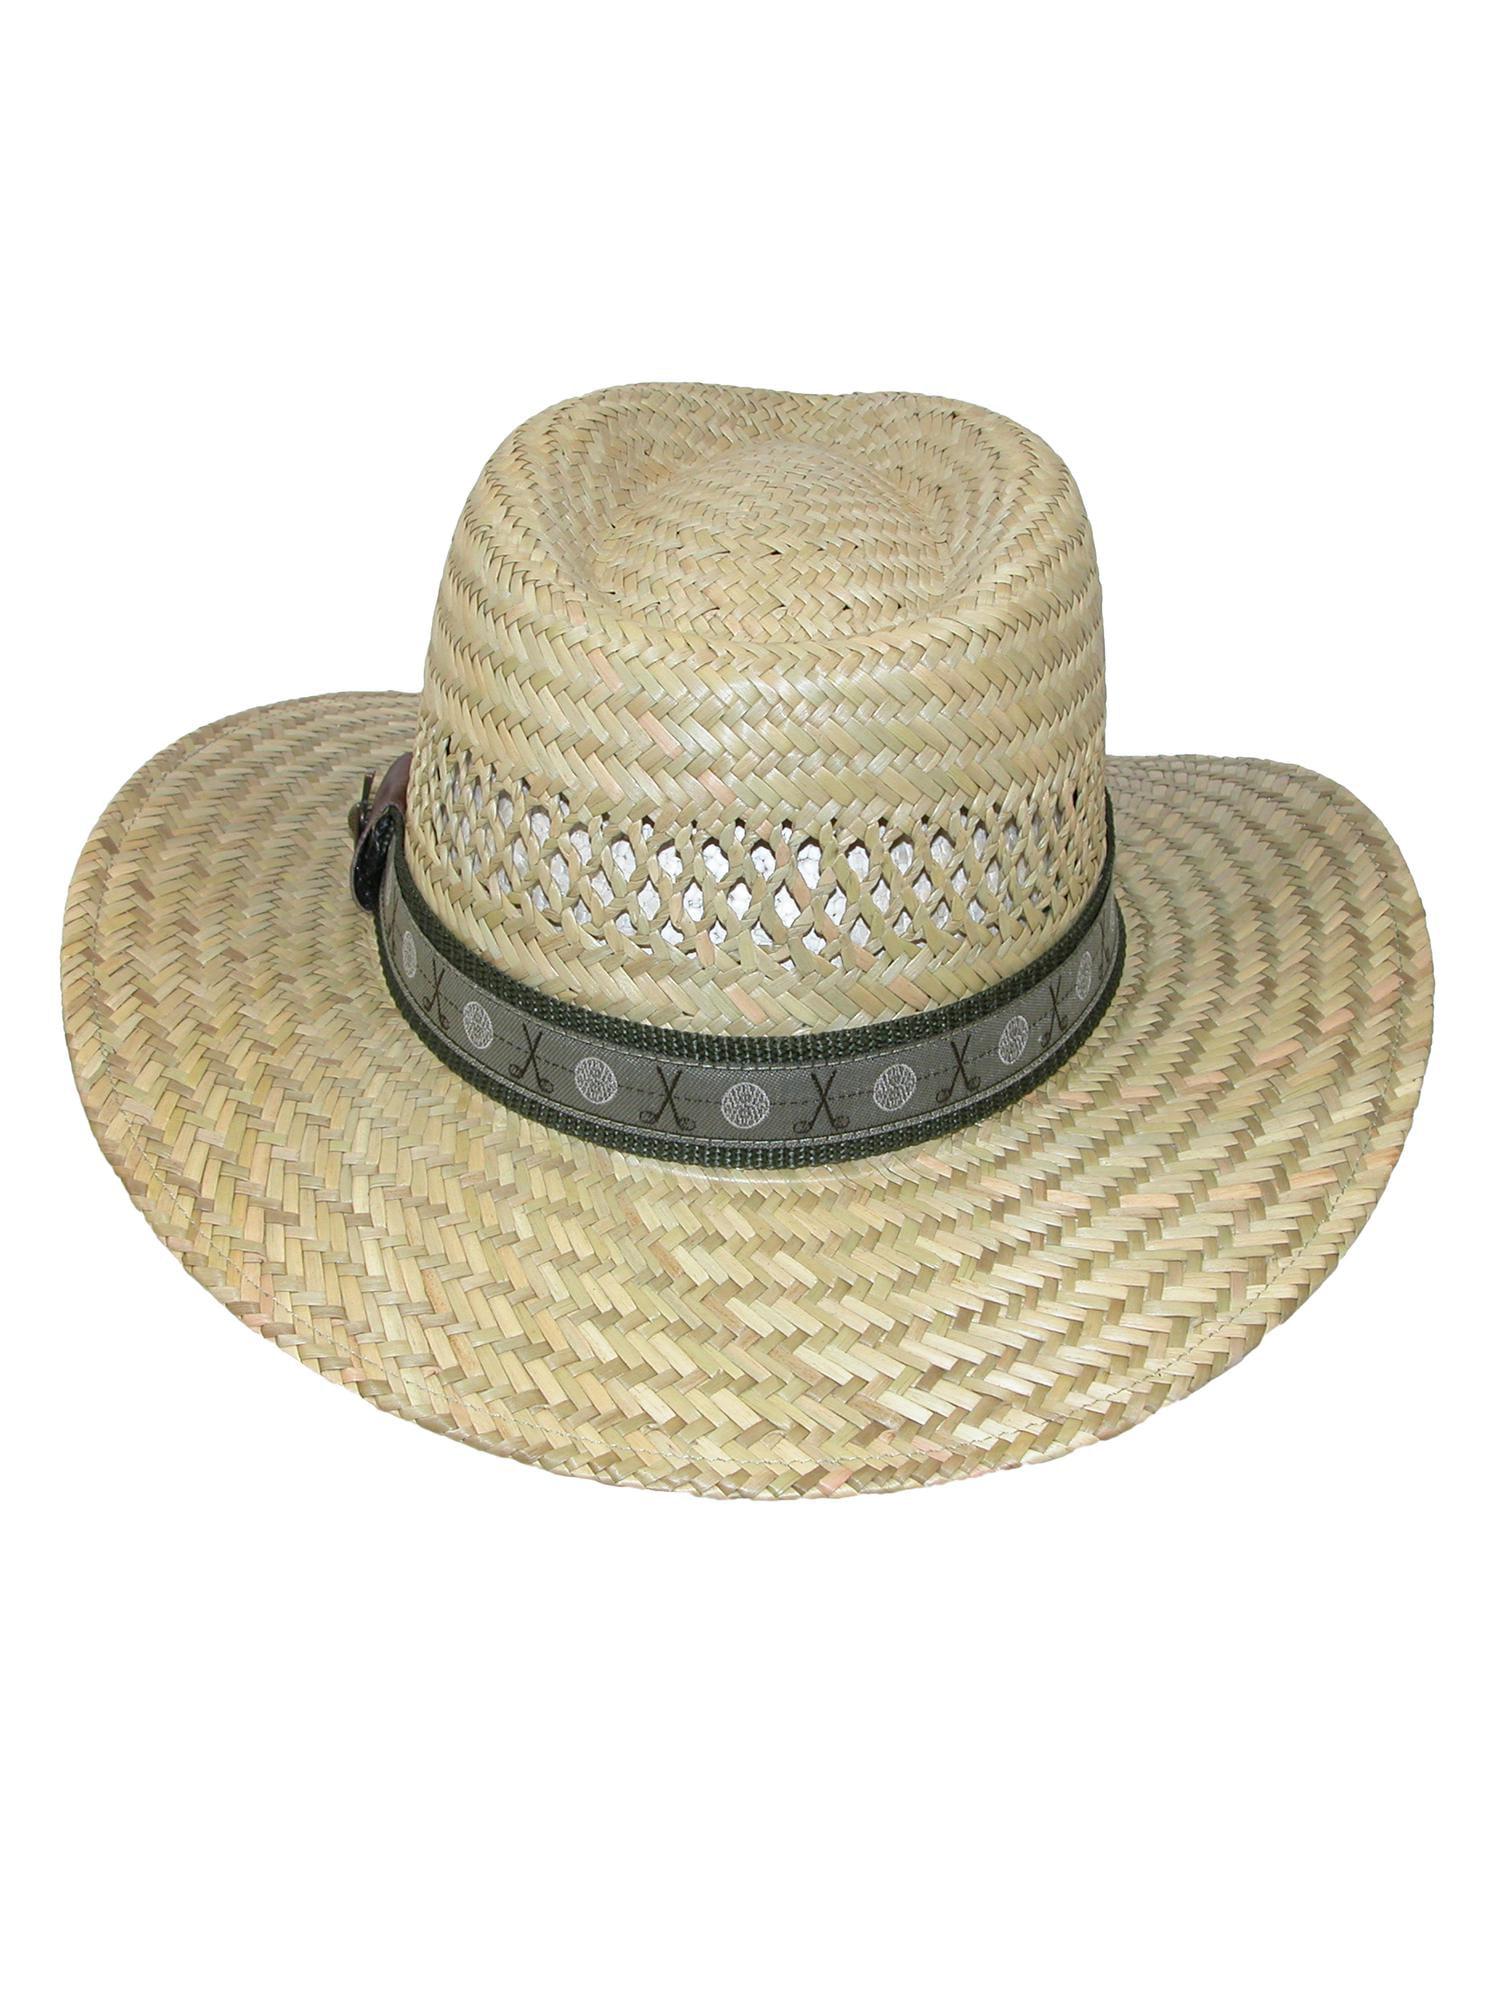 51da720f165f1 Scala Classico Men s Rush Straw Safari Hat with Golf Club Pin and Hatband